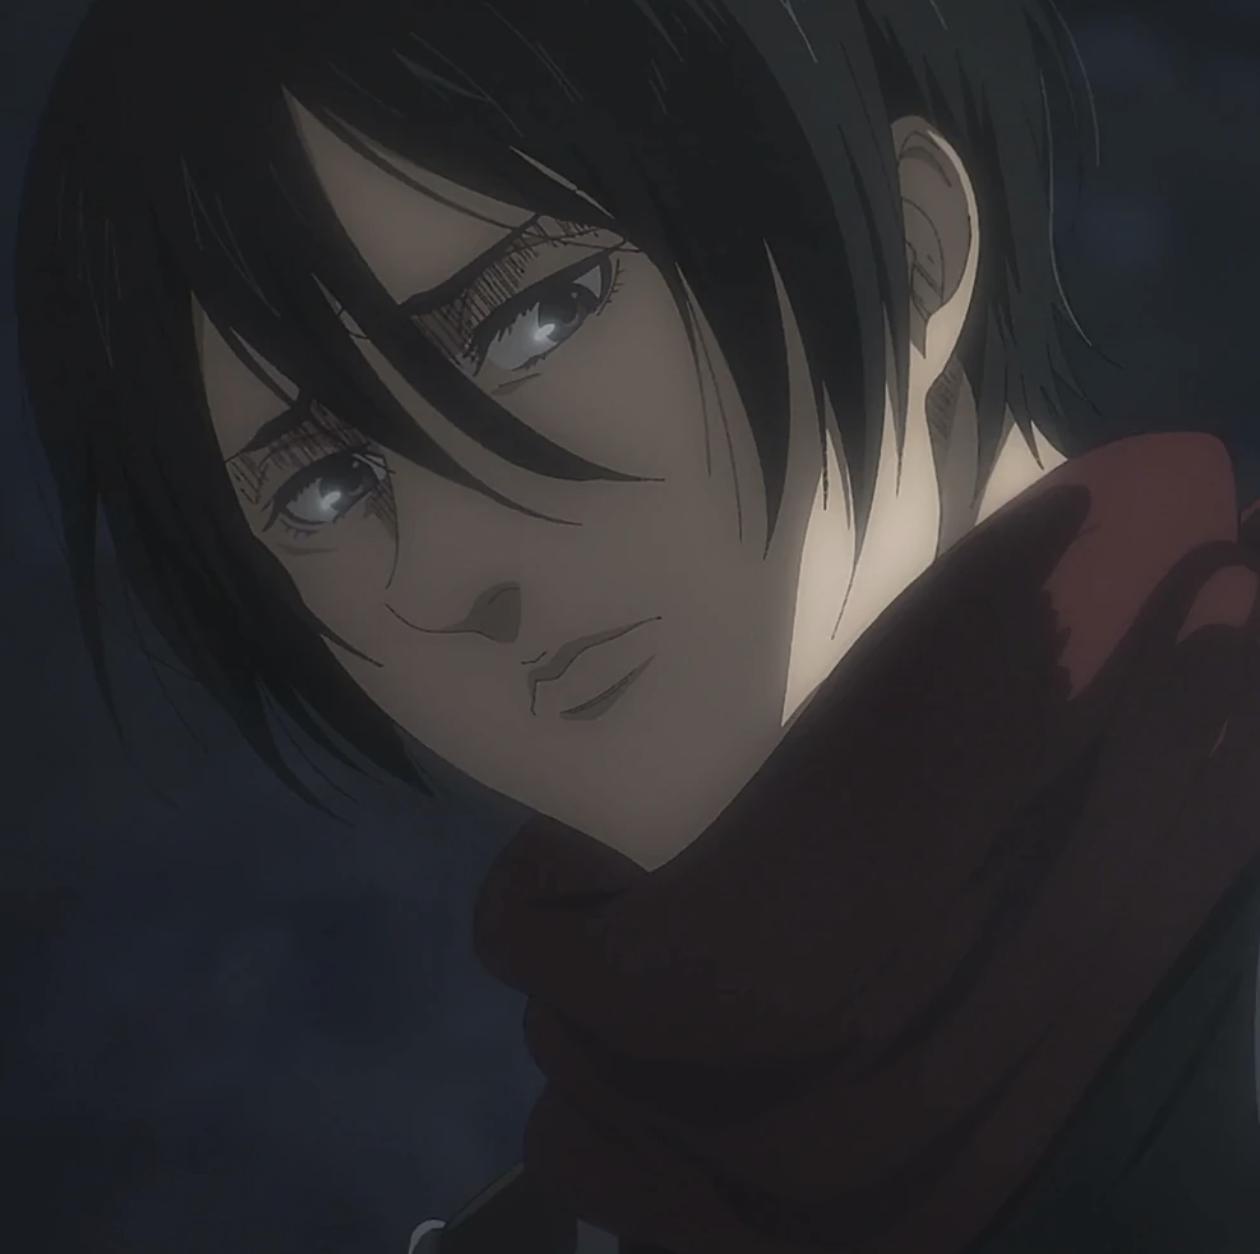 Attack on Titan ตัวละคร กับบทบาทที่โดดเด่น Mikasa Ackerman